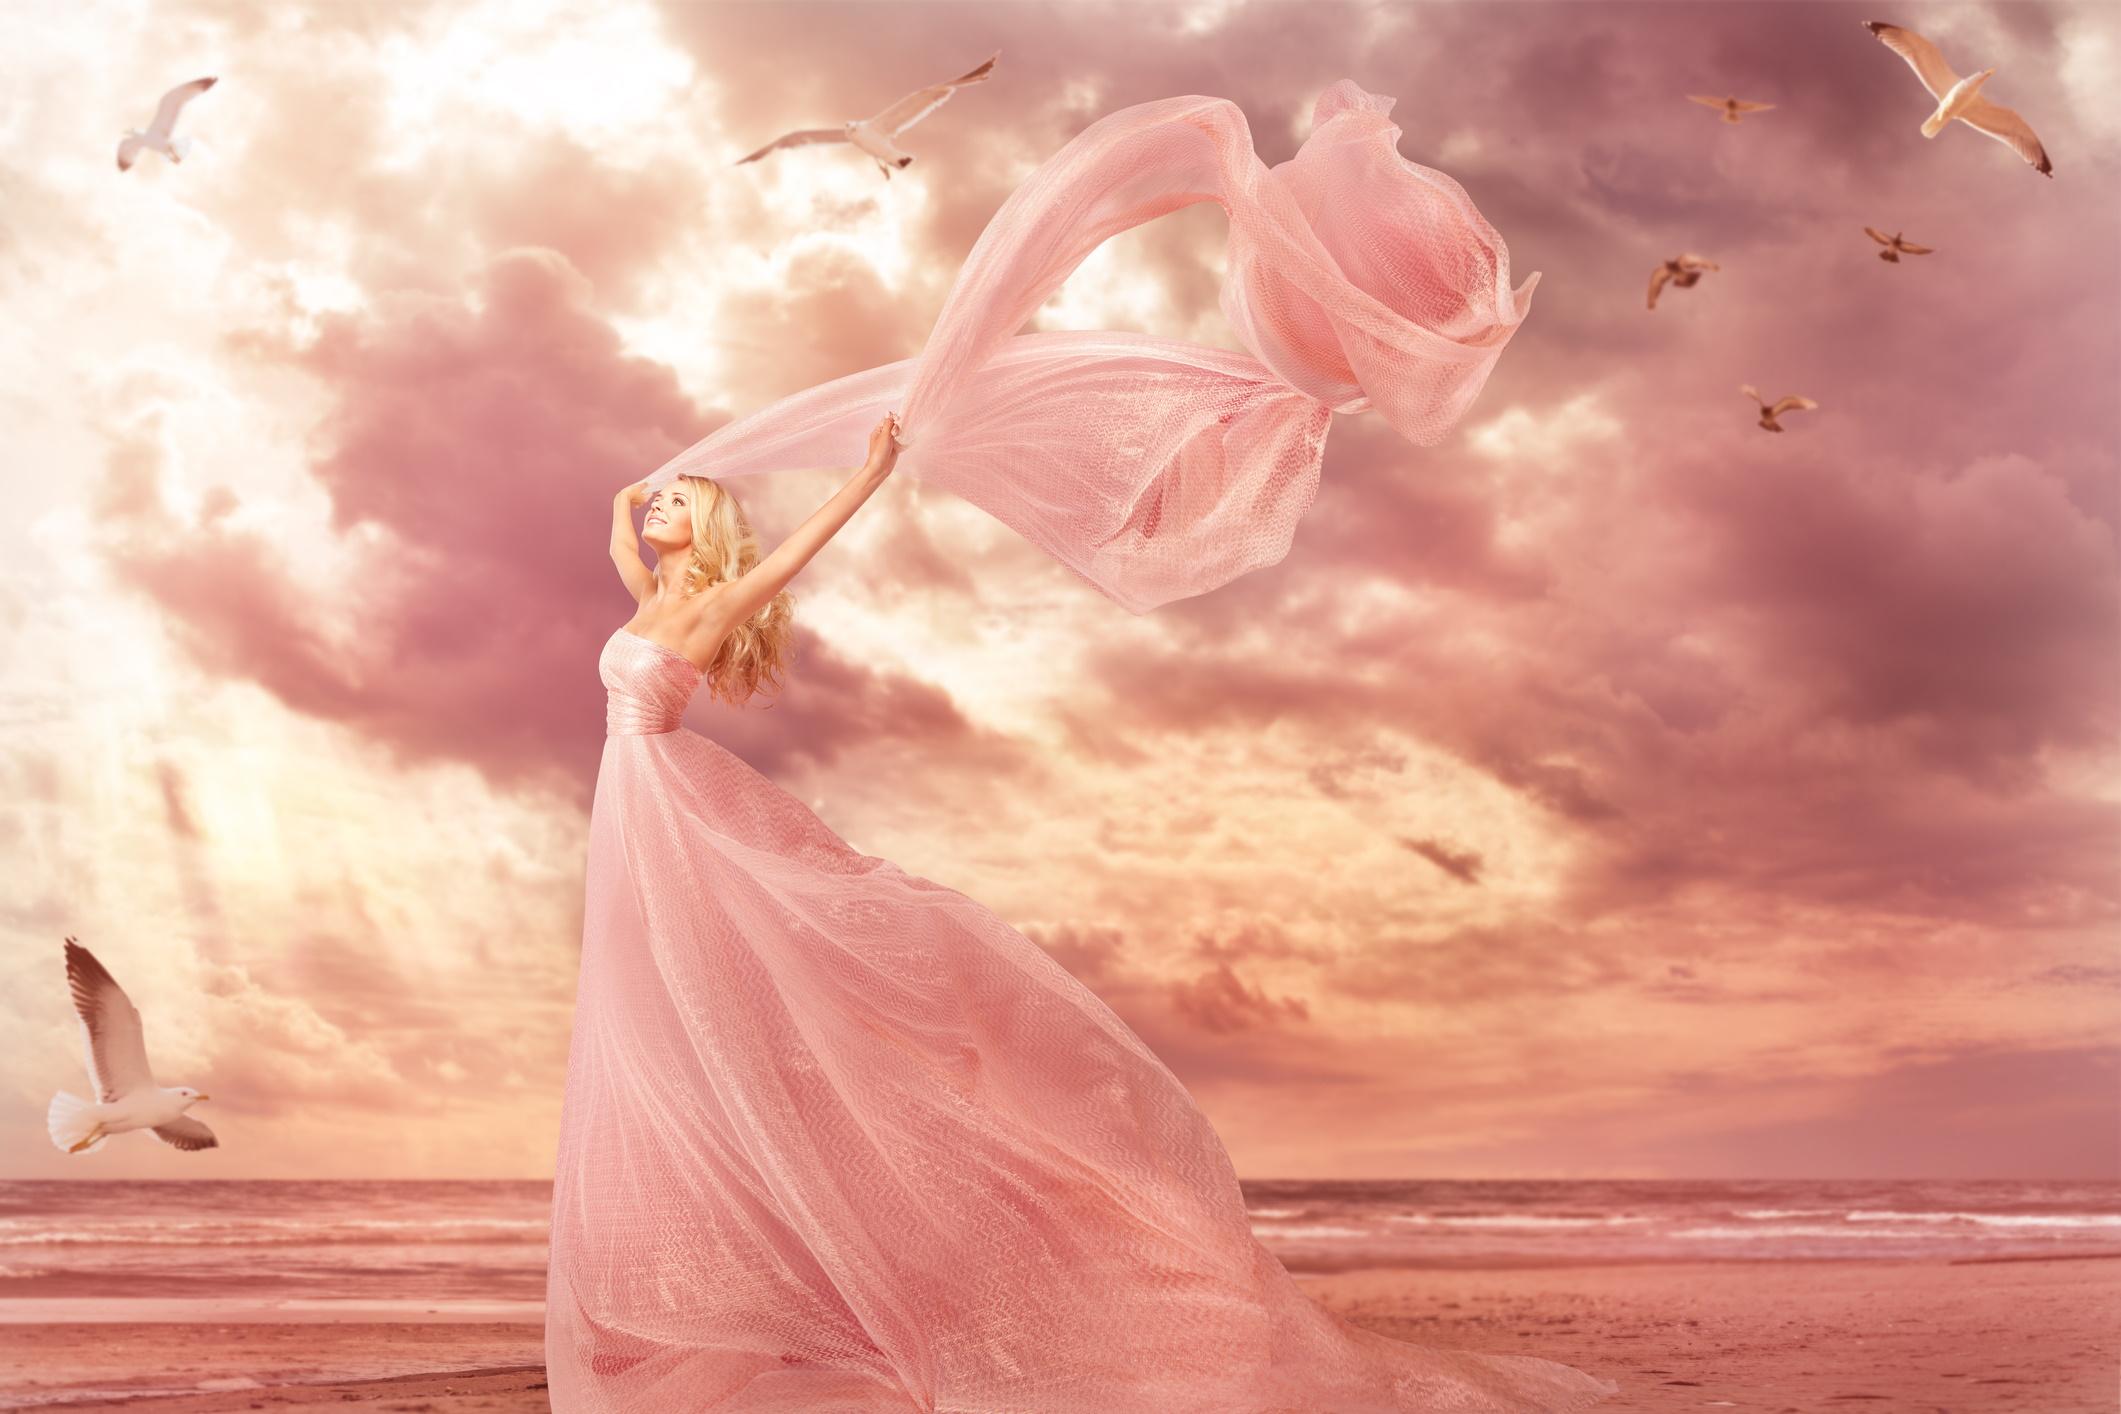 <p><strong>Розово</strong></p>  <p>Розовото се свързва със смекчаване на агресията. Известно е също, че този цвят е регулатор на доброто настроение. Основните асоциации, които създава розовото, са любов, чувствителност, щедрост и доброта. Също така този цвят може да събуди желание да защитите човек, който го харесва.</p>